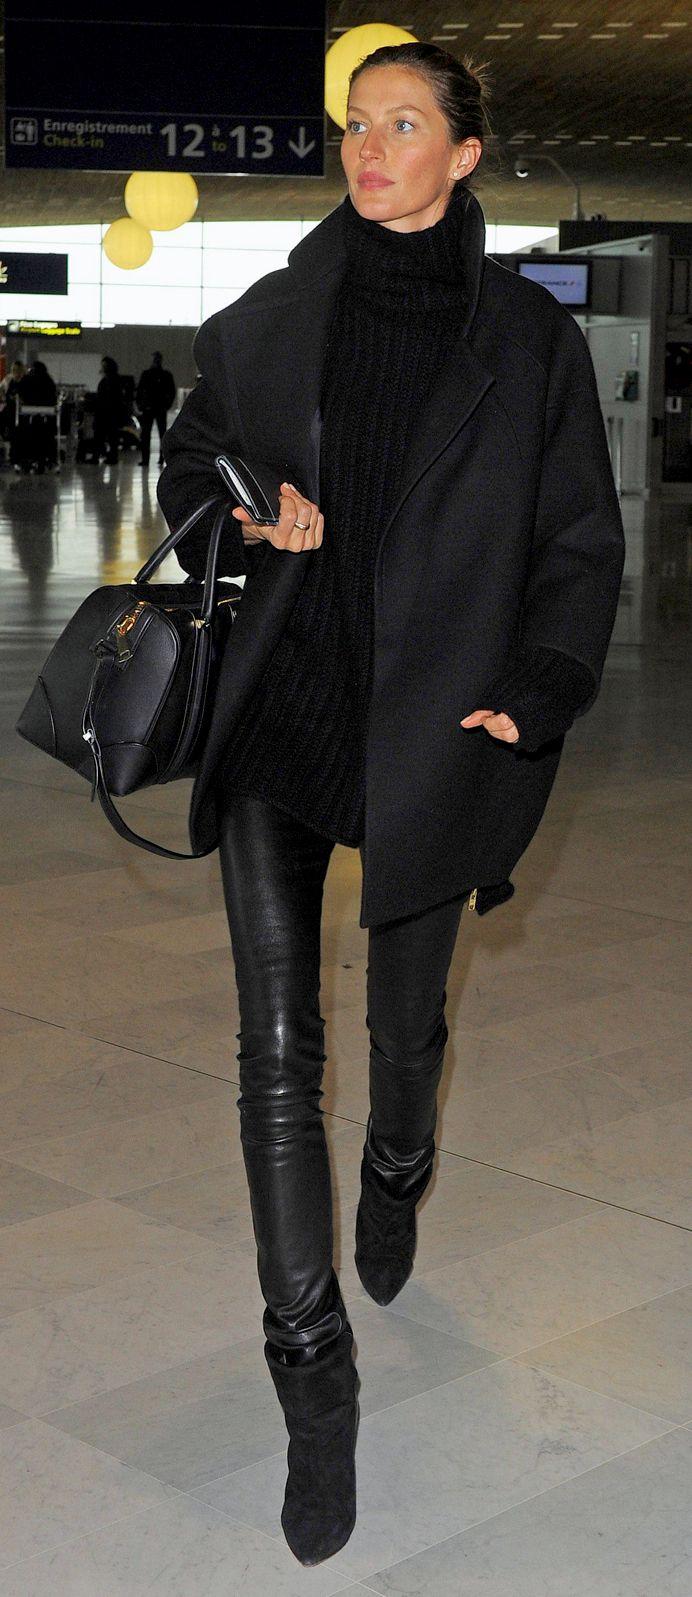 Gisele Bündchen at Charles de Gaulle Airport in Paris.